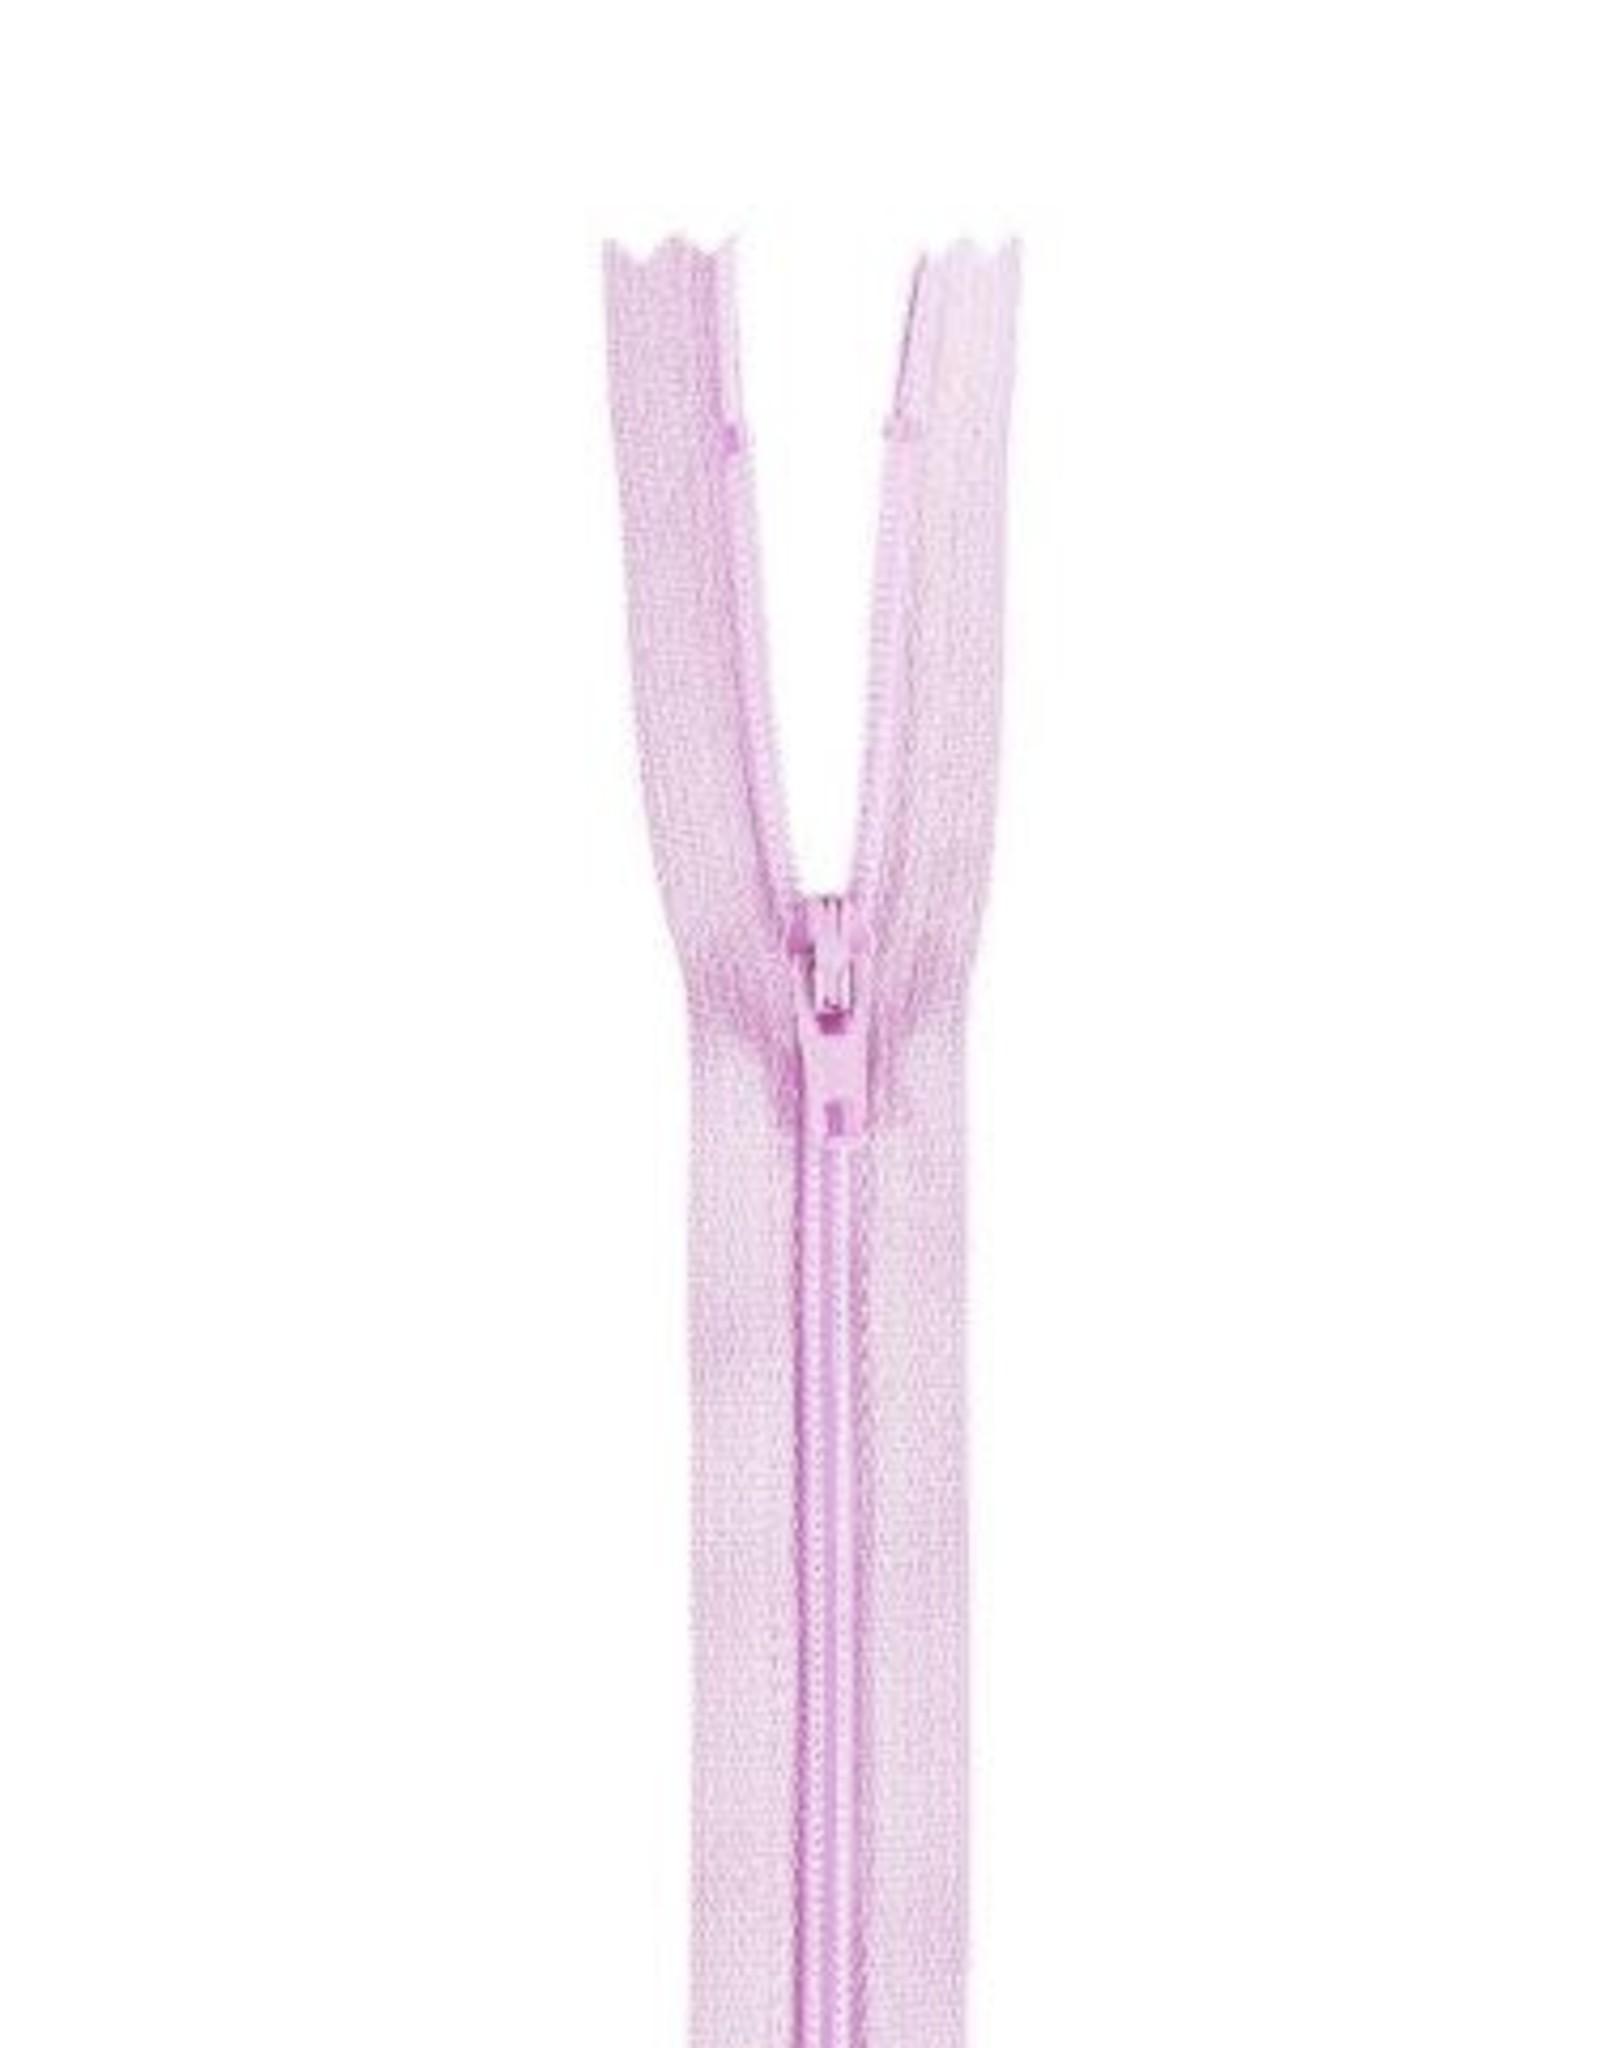 YKK Spiraalrits niet-DB 3mm licht roze paars 068-50cm